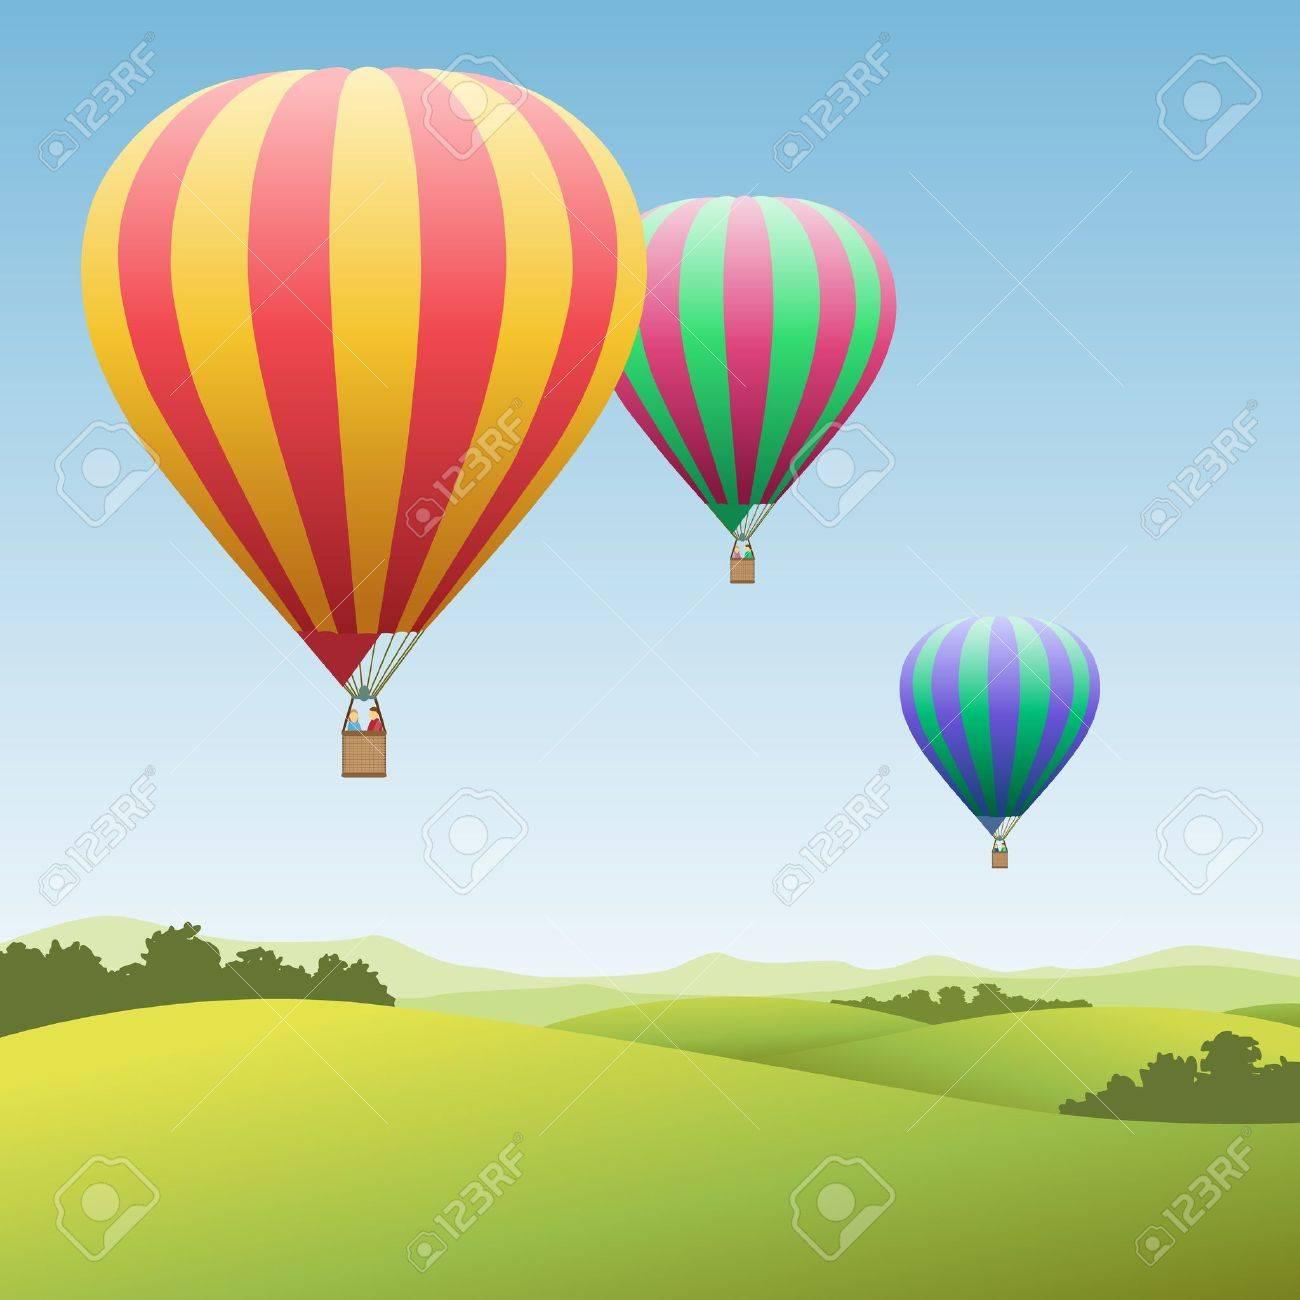 Three Colorful Hot Air Balloons - 14559889